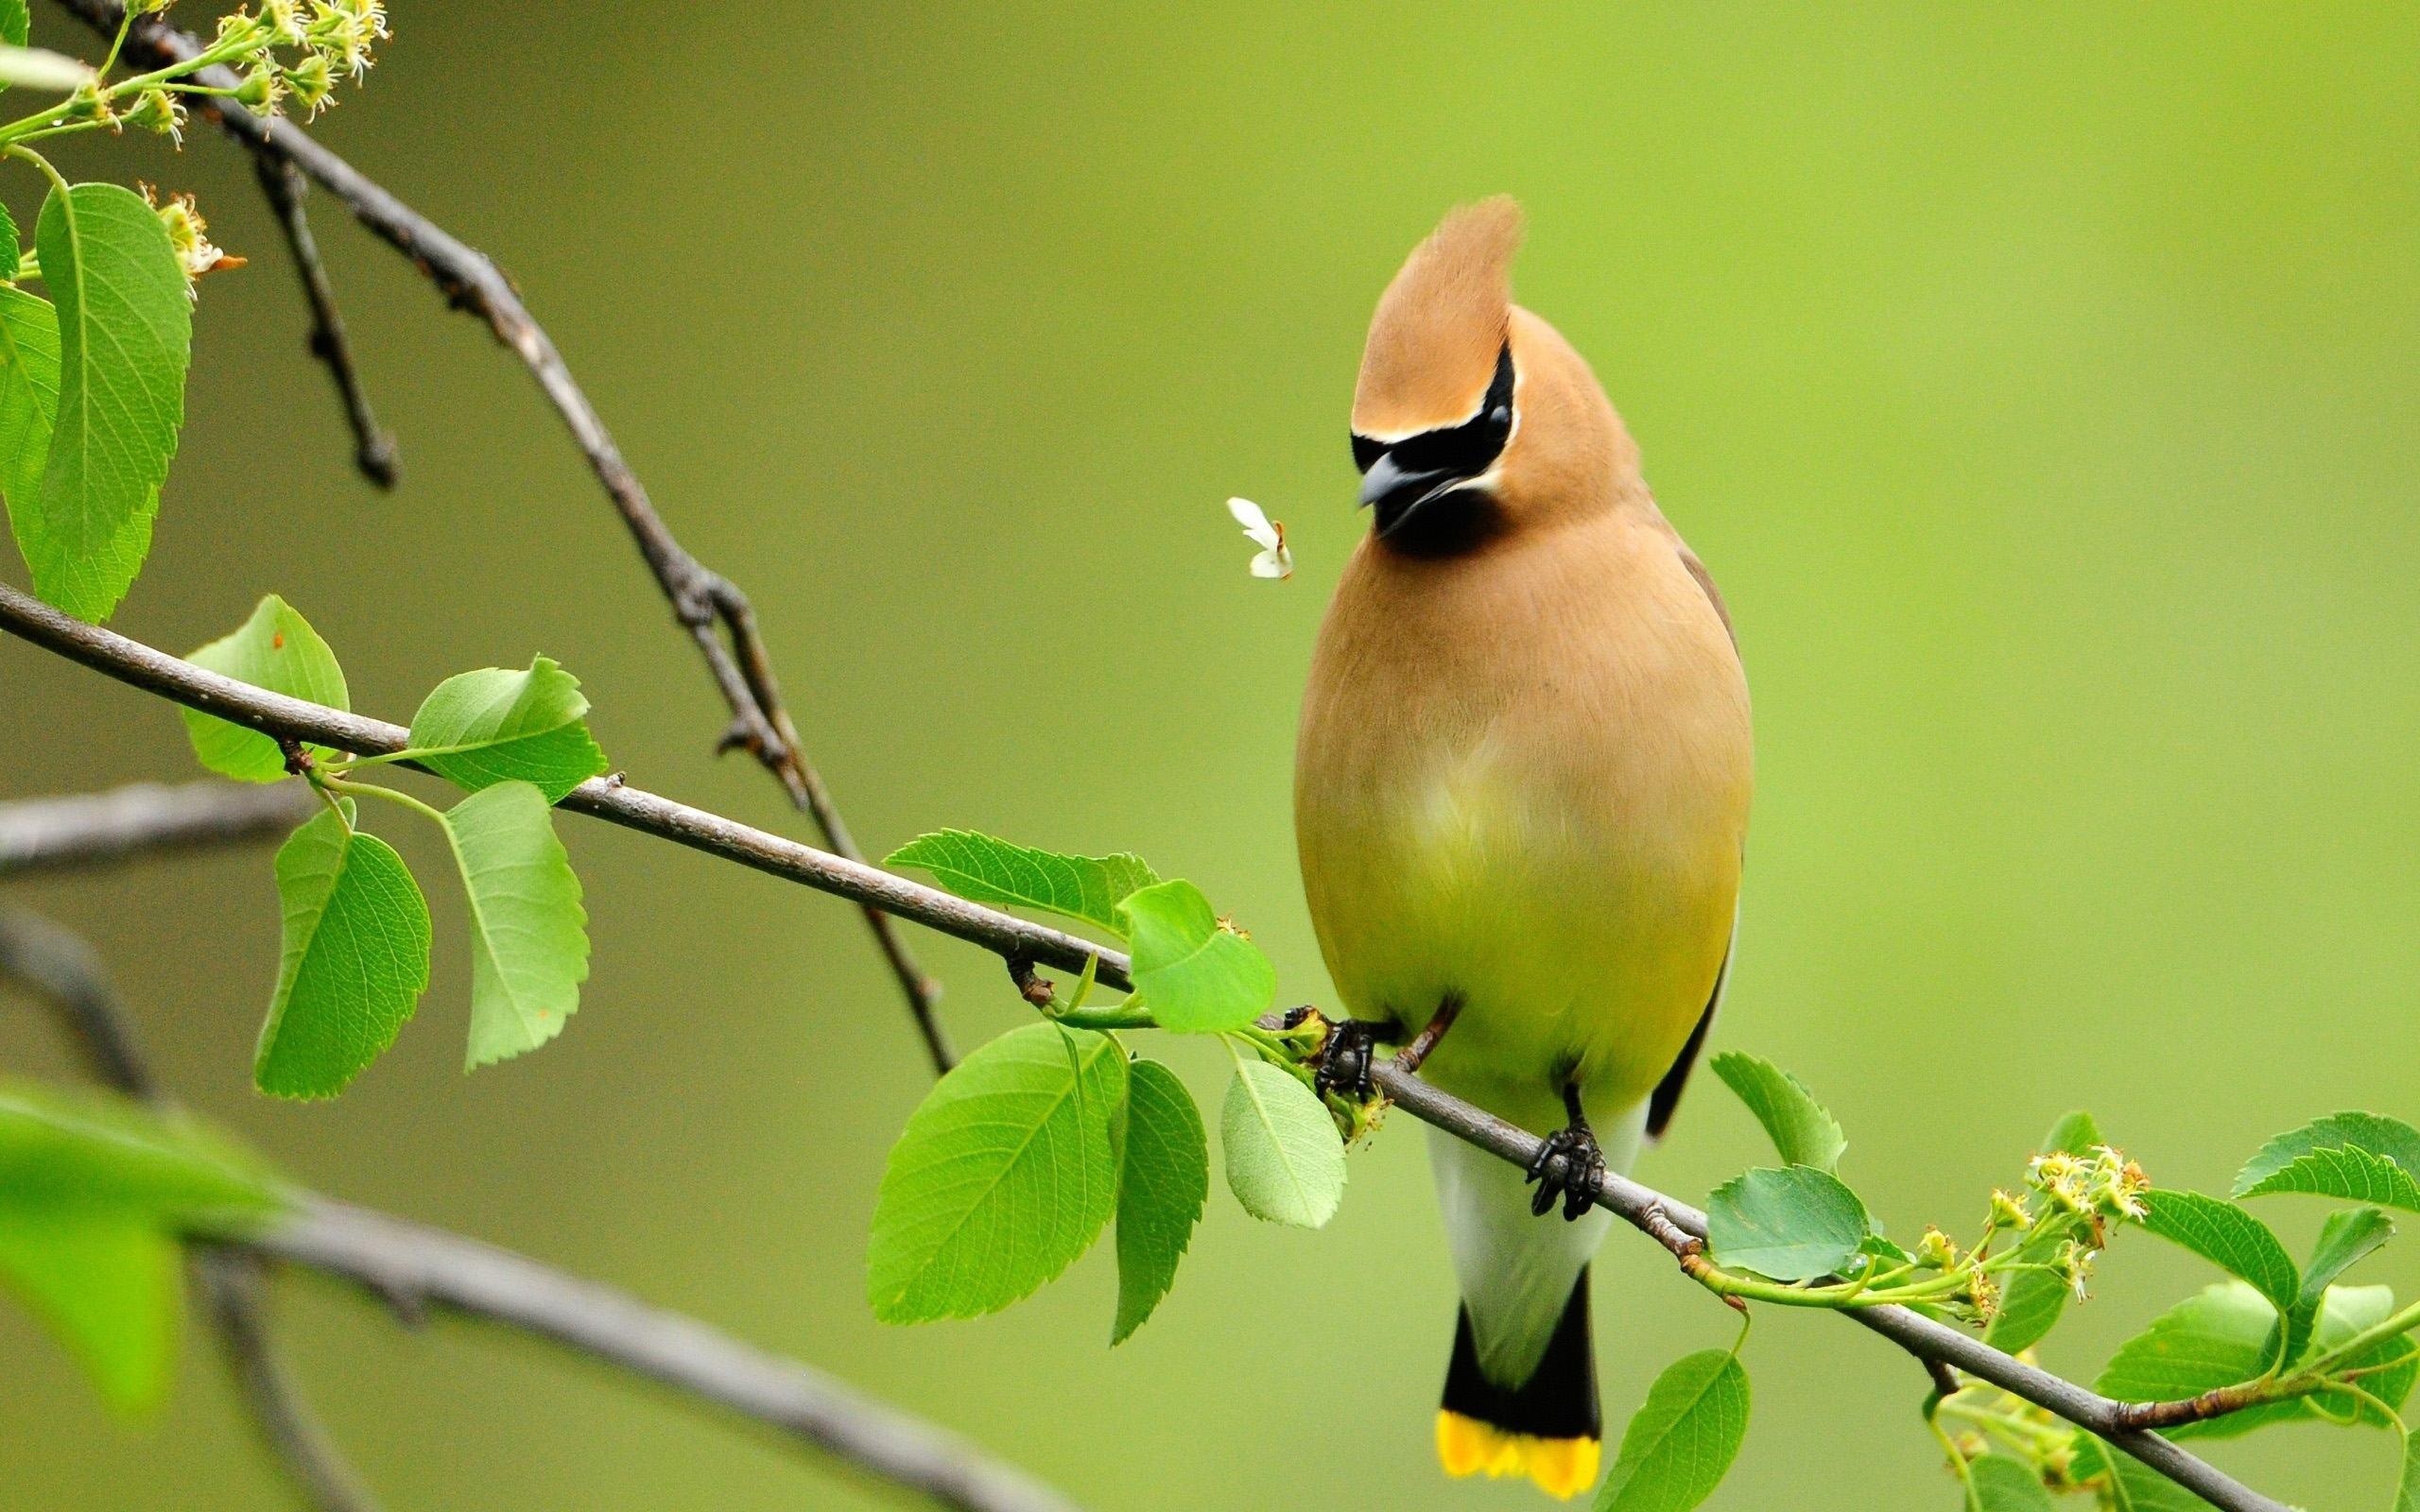 صورة صور طيور رائعة , اجمل صوره عصفوره جميله